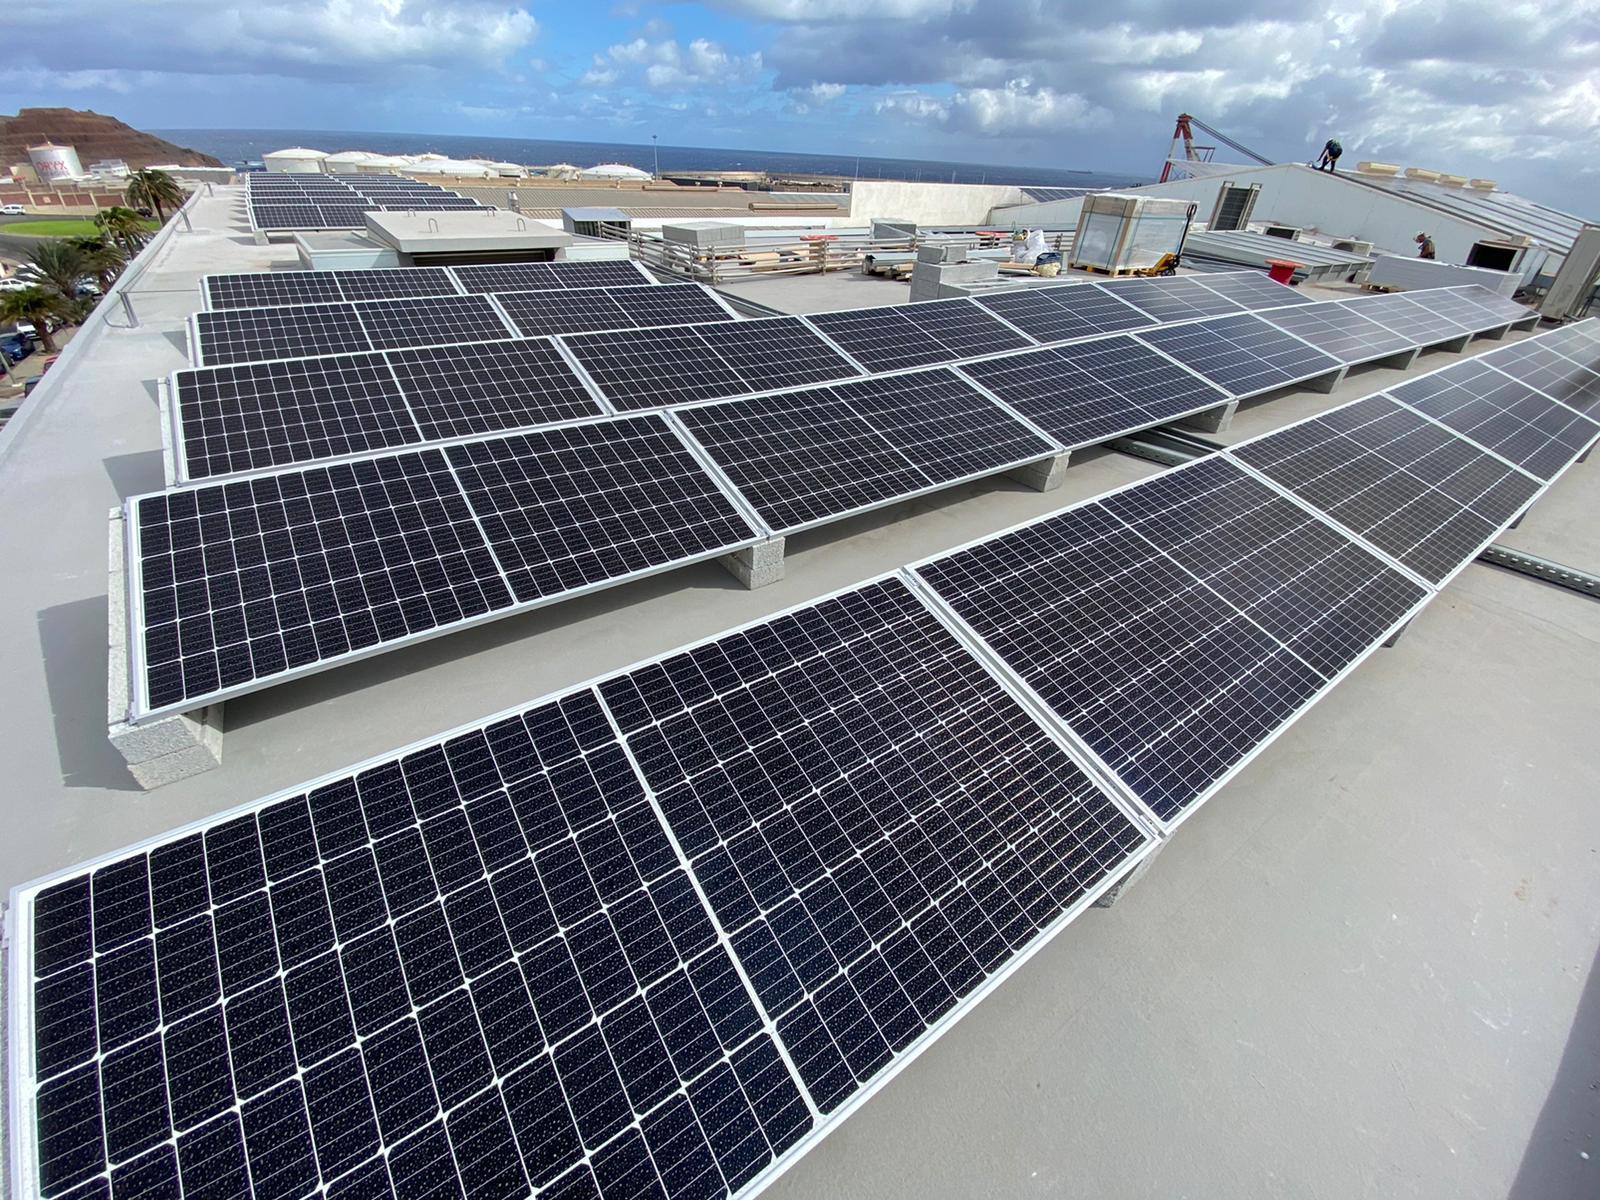 Planta fotovoltaica de 100 kW en régimen de autoconsumo de energía a empresa de suministros navales